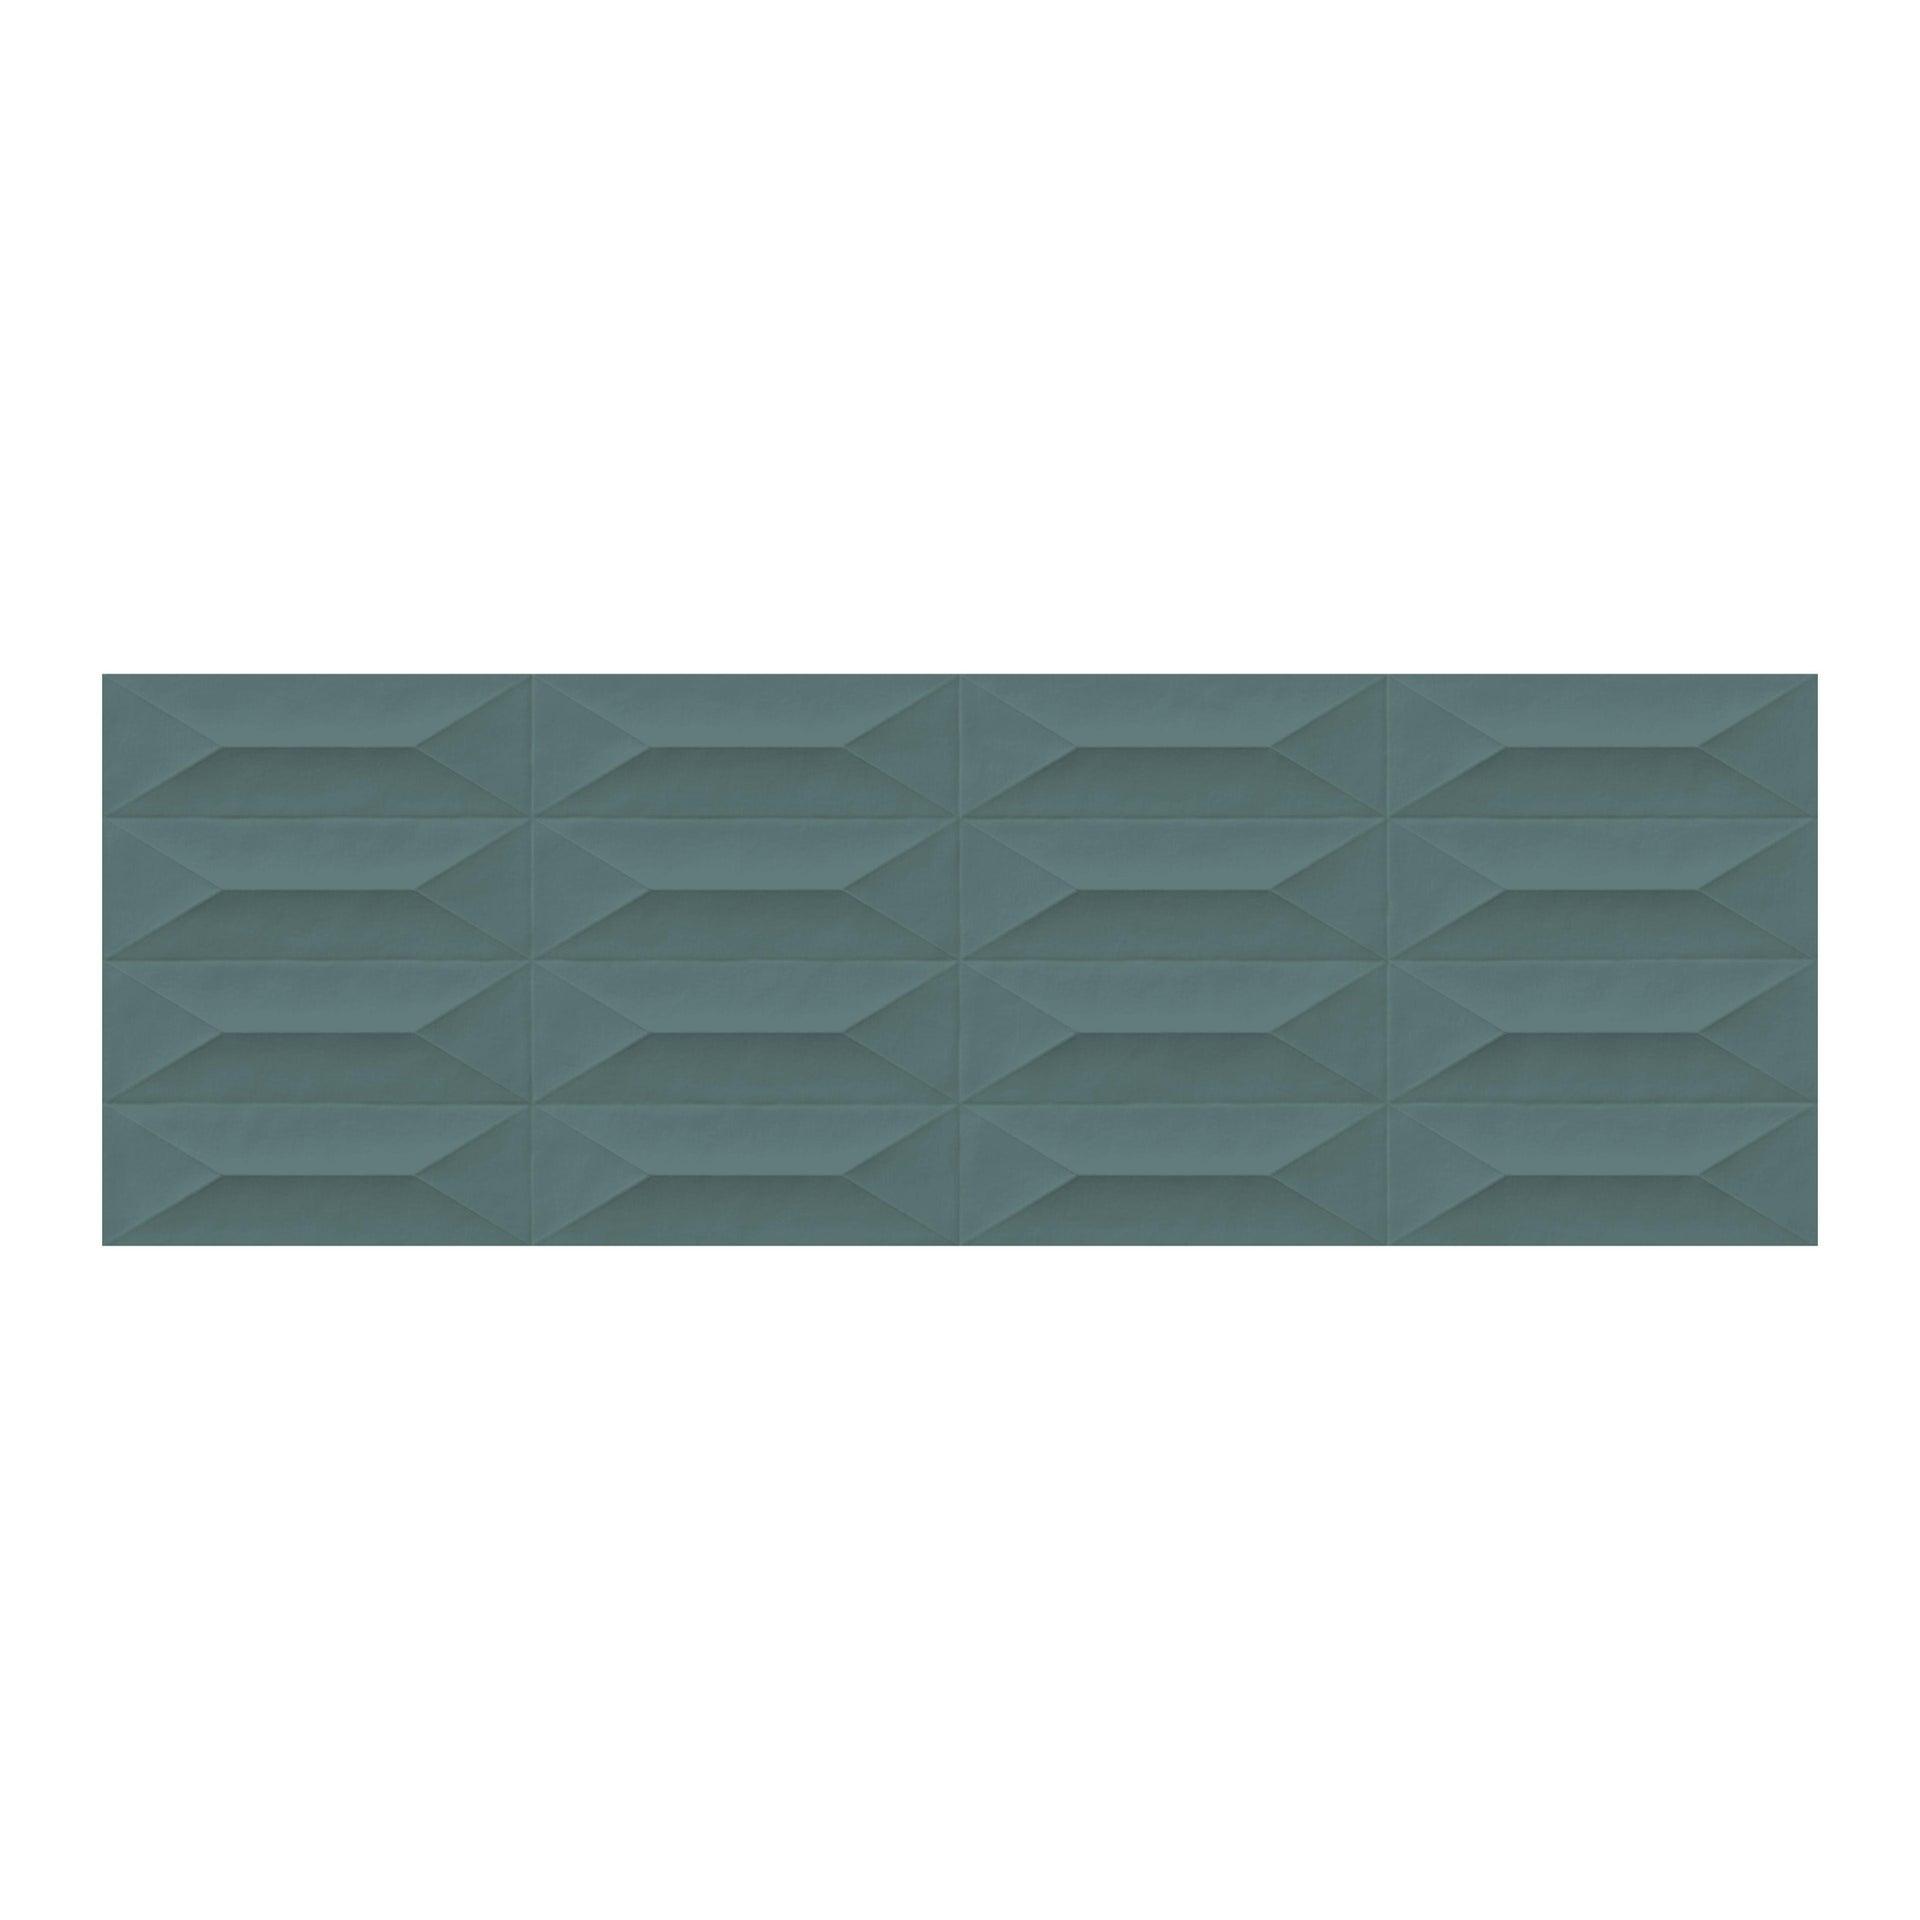 Piastrella per rivestimenti Interni 30 x 90 cm sp. 10 mm verde - 3